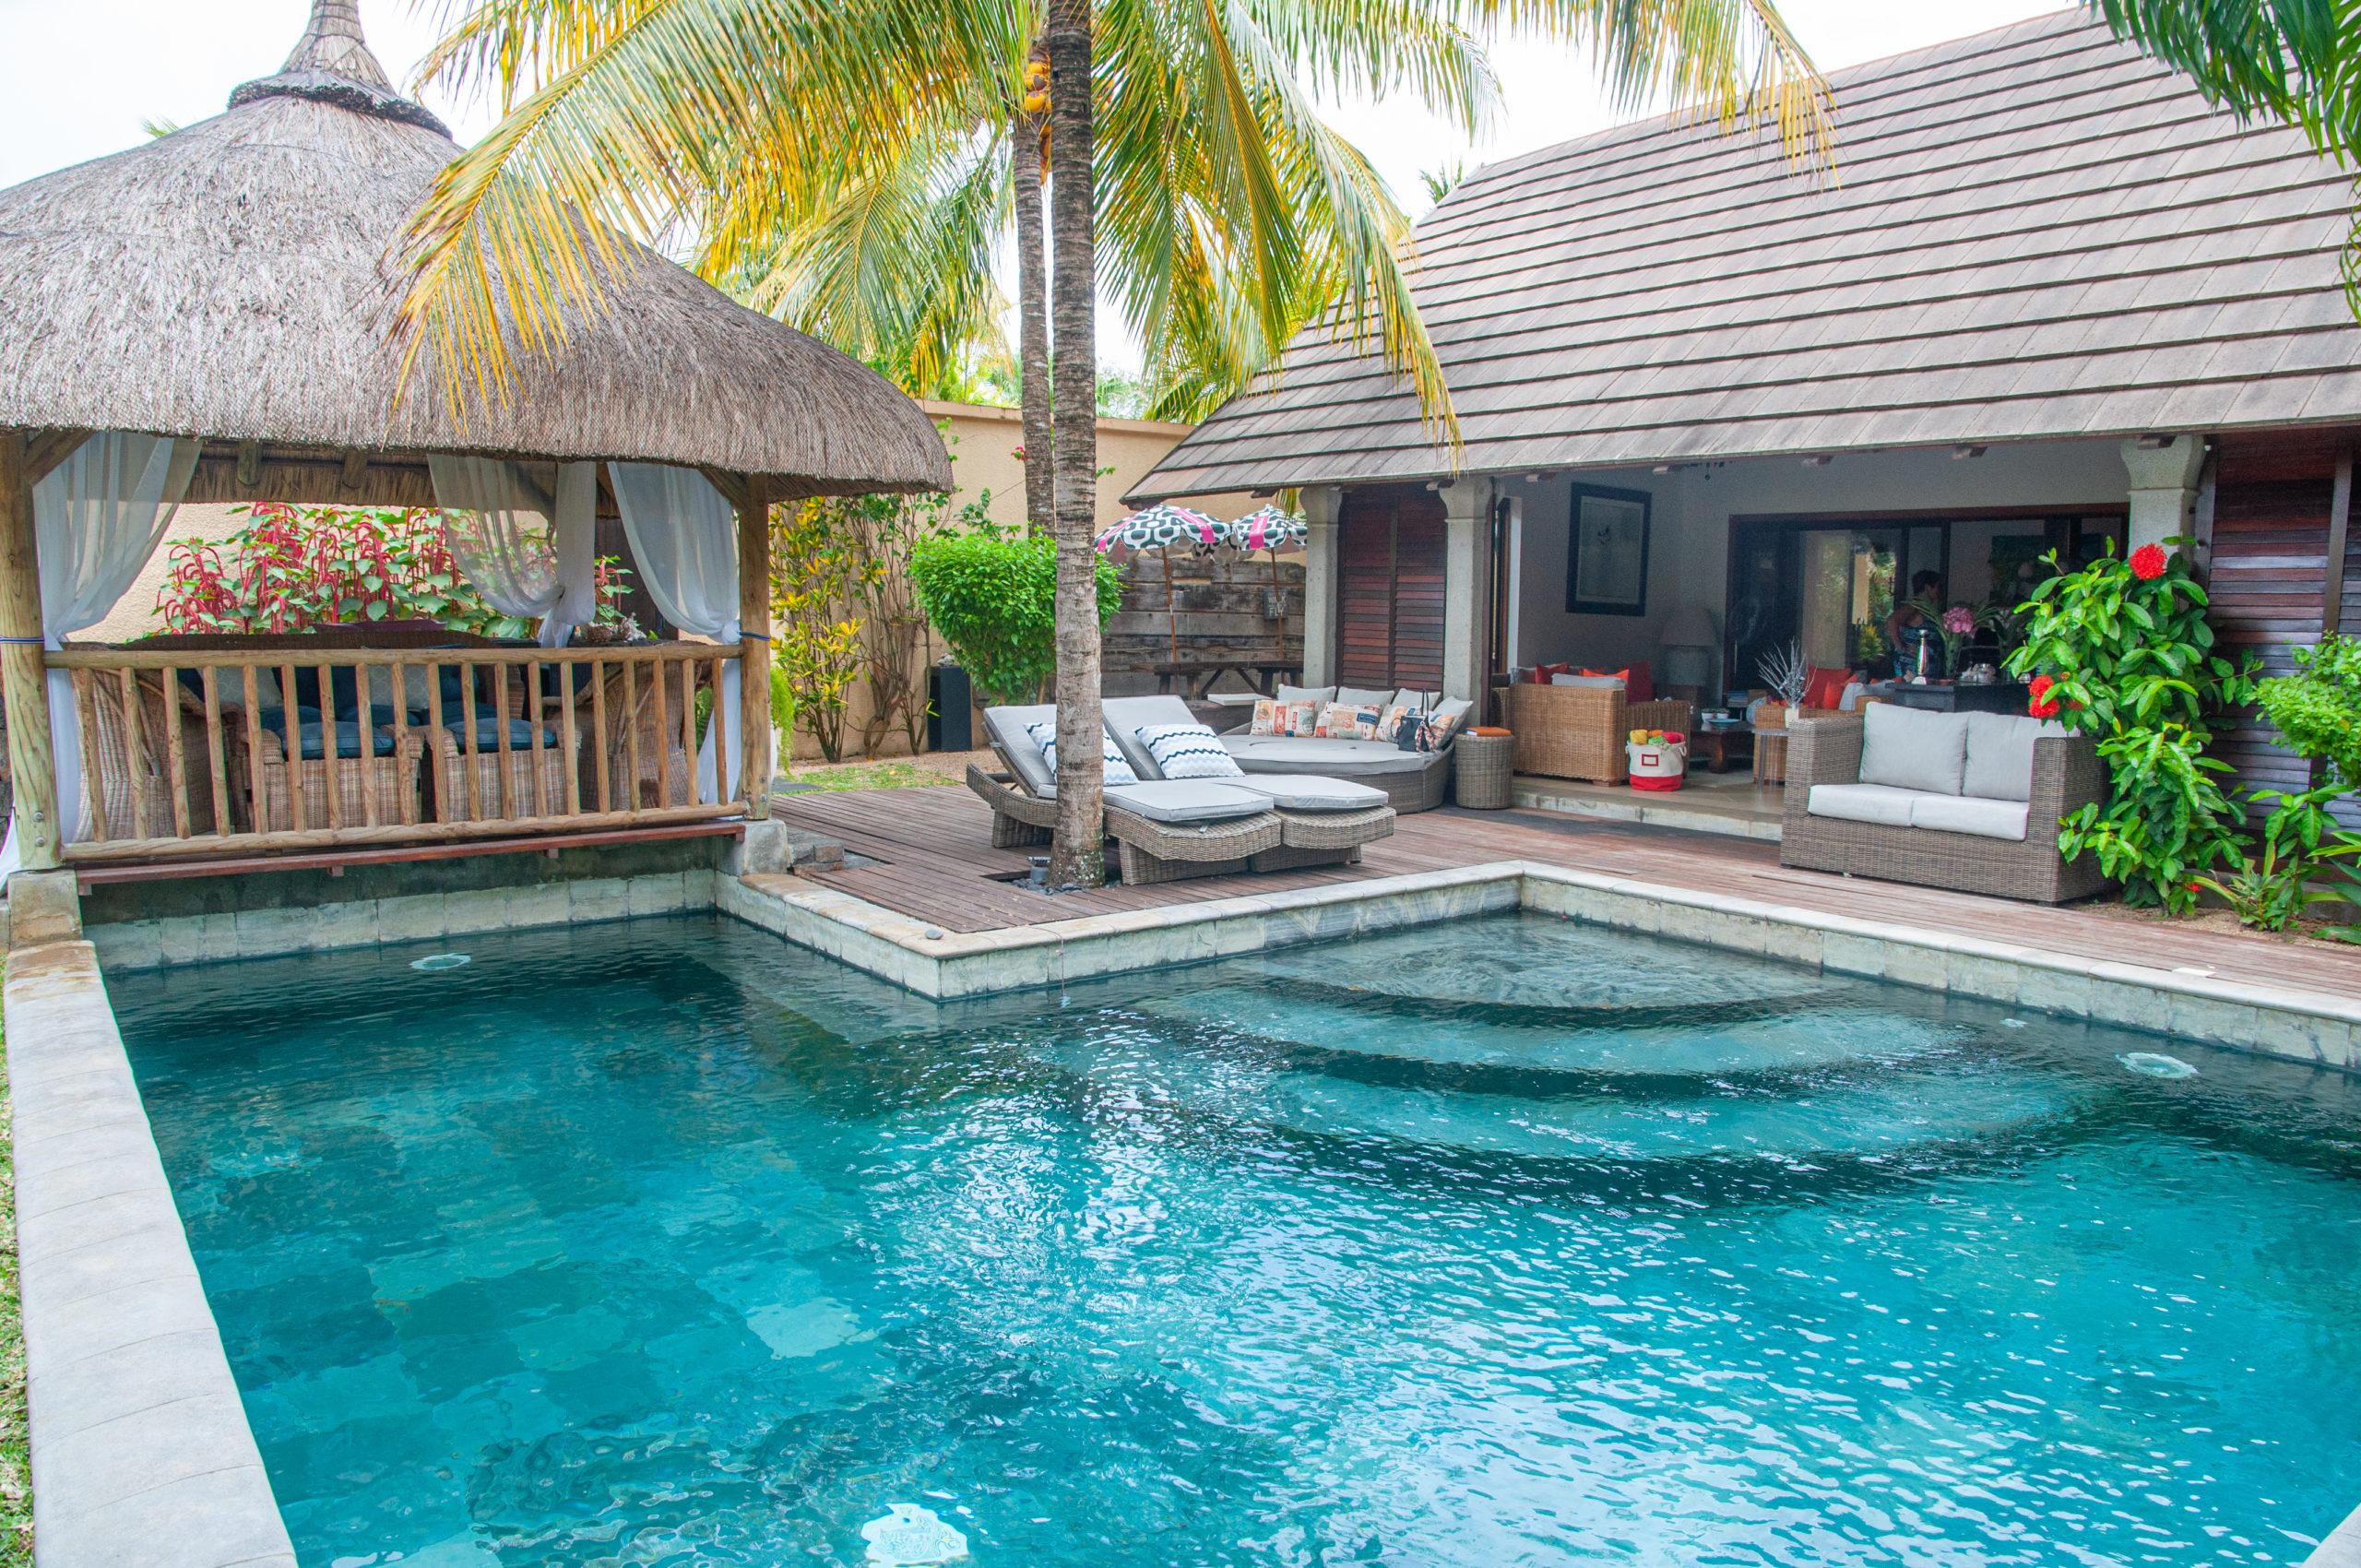 Villa individuelle de 350 m2 sur un terrain de 723 m2 dans un complexe résidentiel